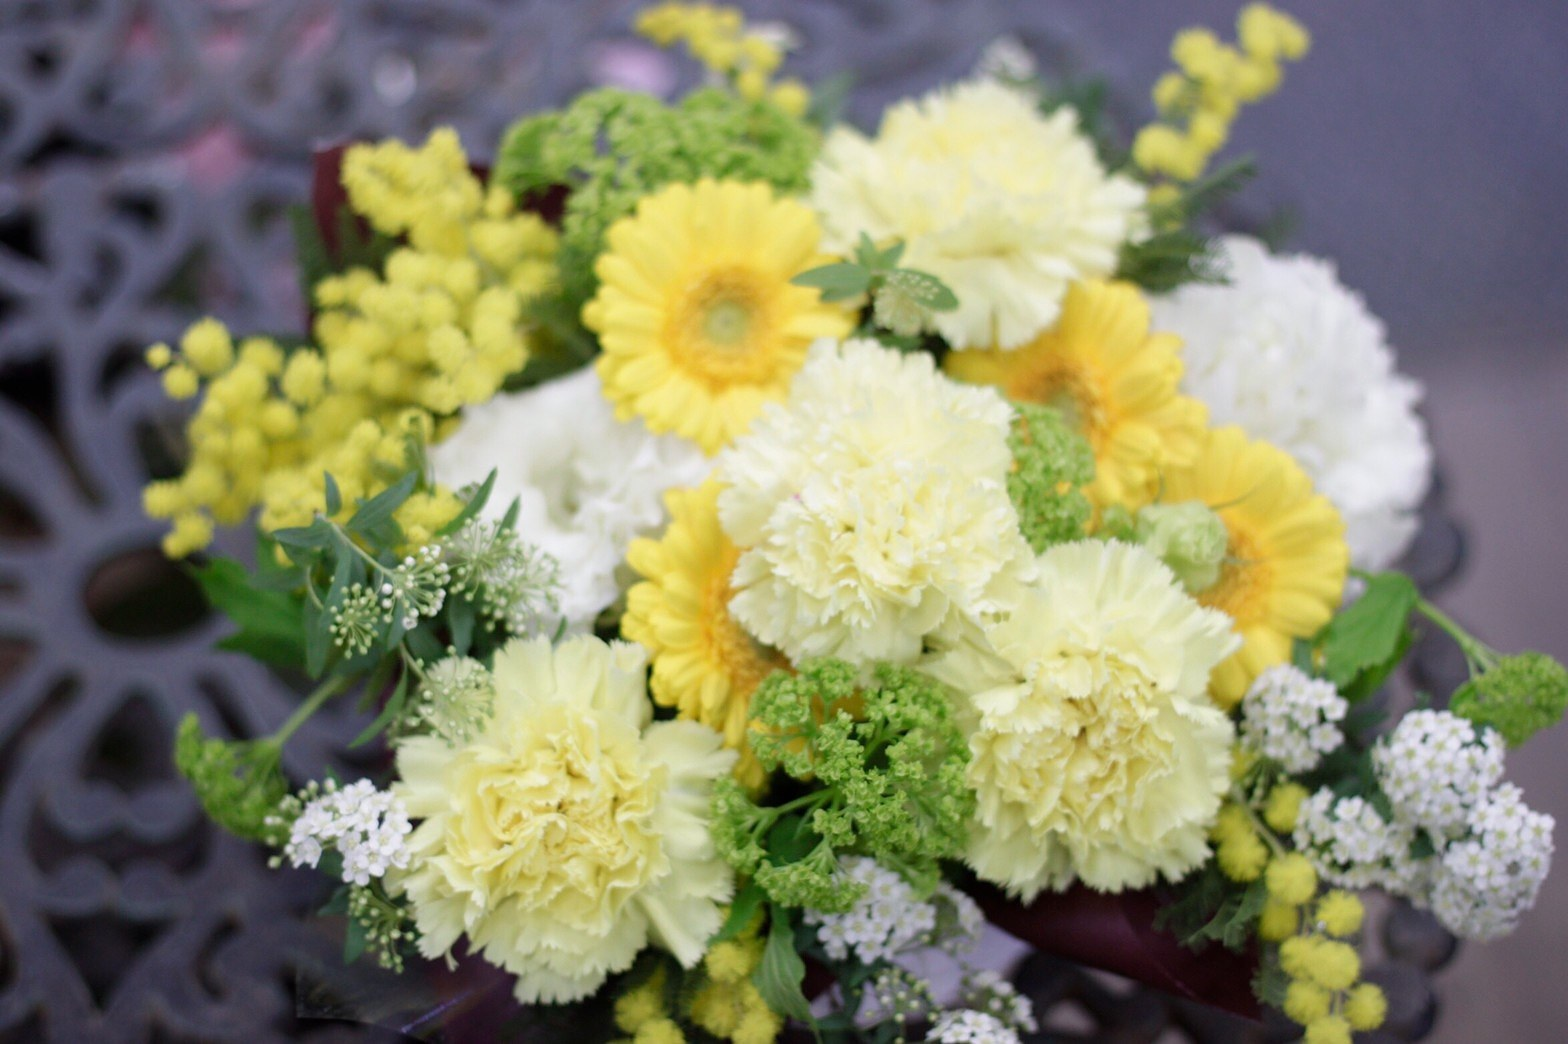 ミモザアカシアが入った淡い黄色のアレンジメント♪_f0213974_00593666.jpg